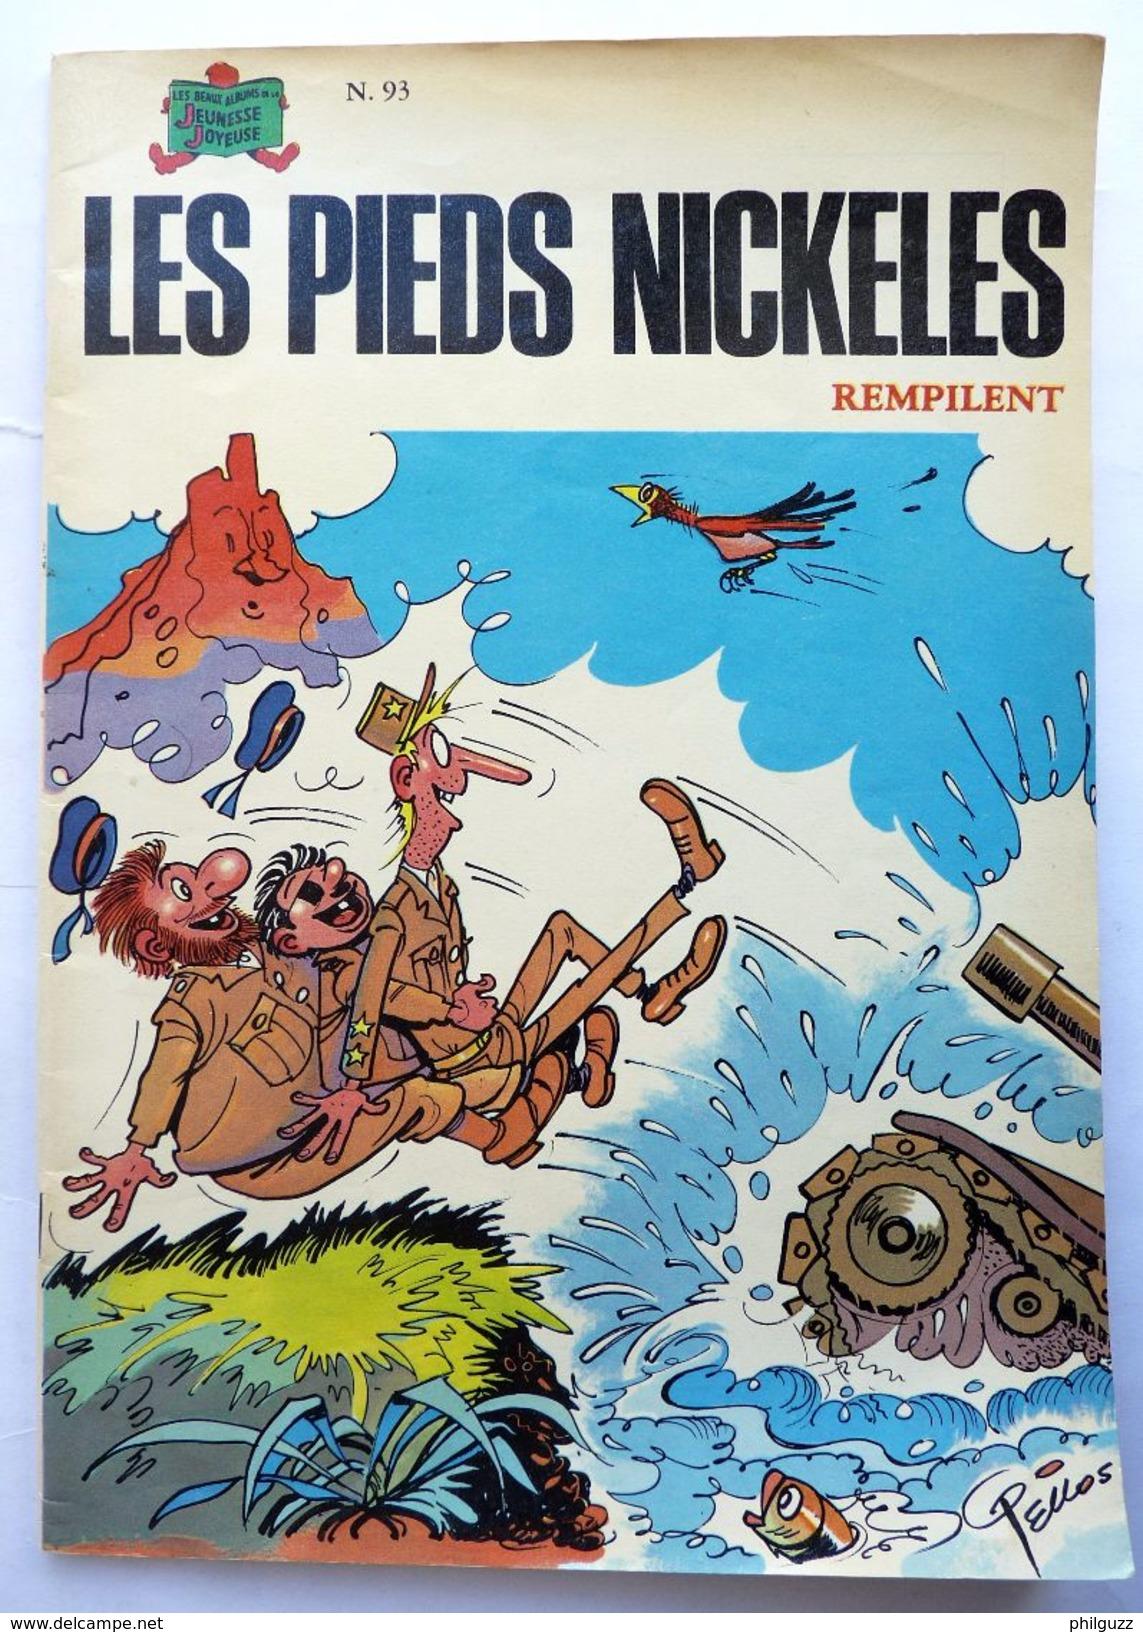 LES PIEDS NICKELES 93 REMPILENT - SPE - PELLOS - Pieds Nickelés, Les